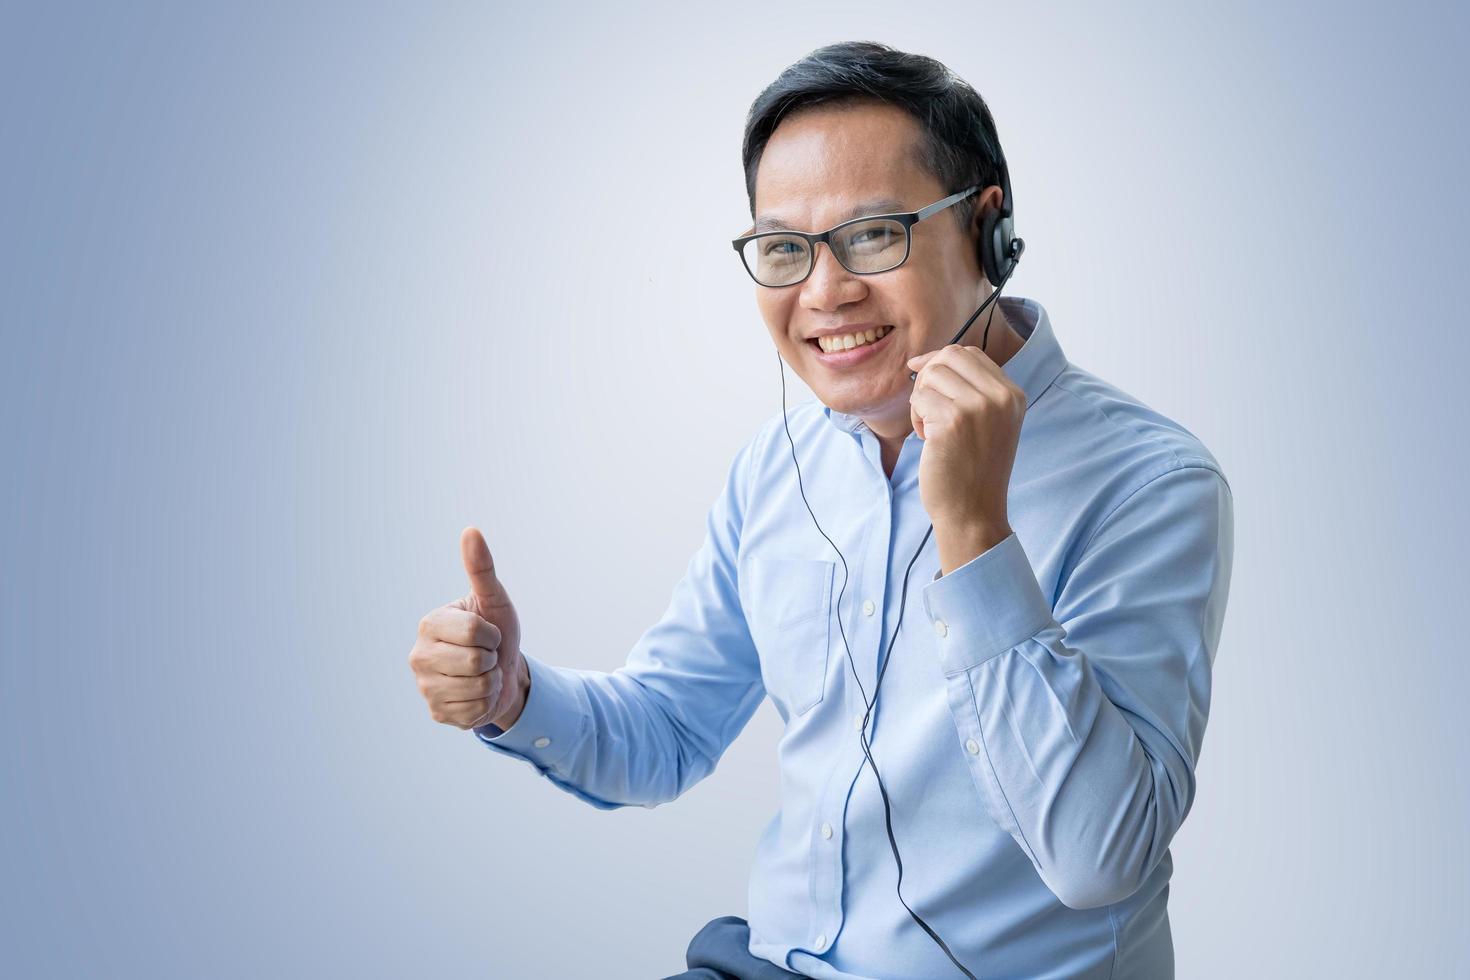 homme d'âge moyen, prendre appel, sur, casque à écouteurs, isolé, sur, arrière-plan bleu photo